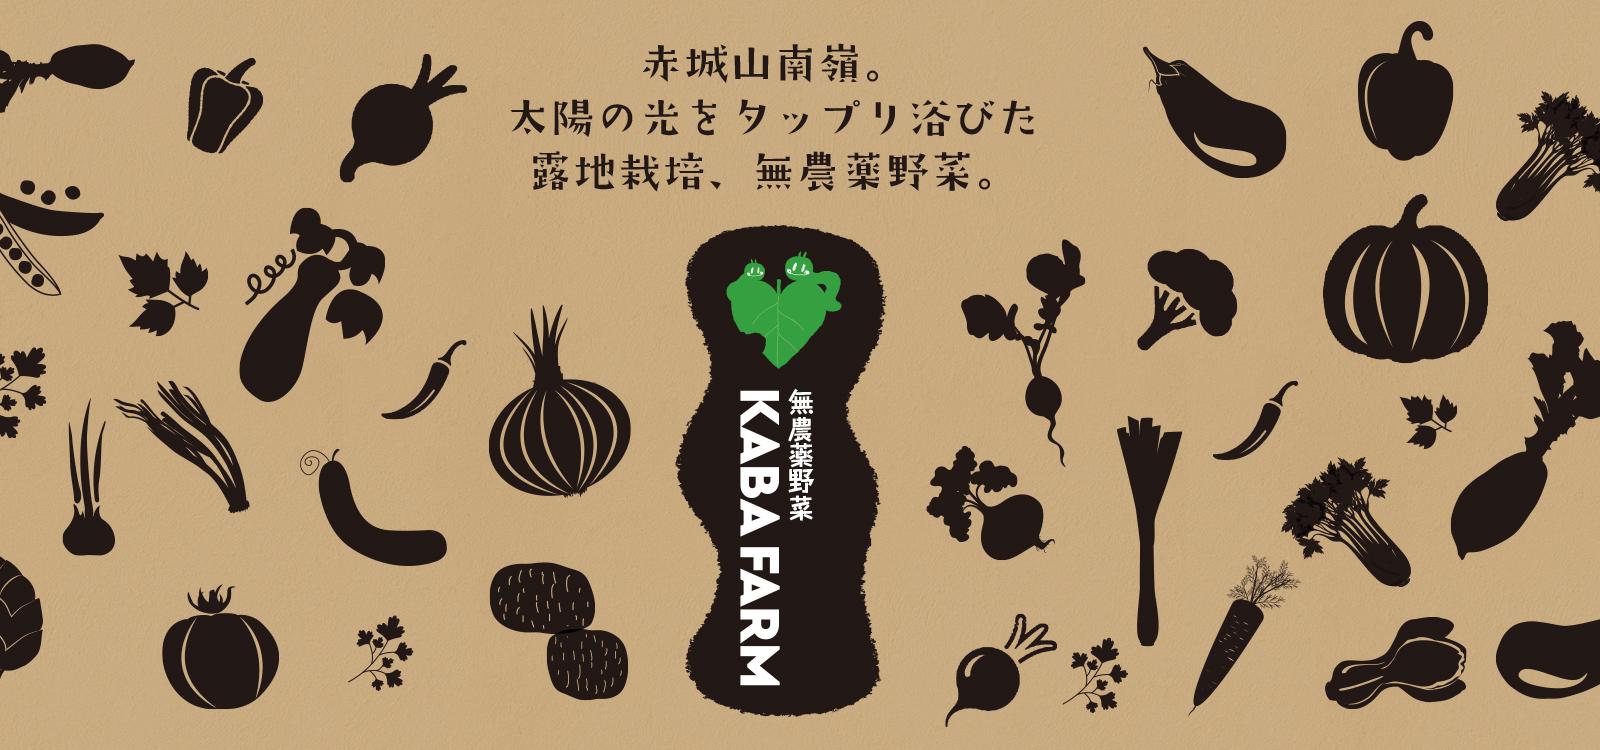 KABA FARM